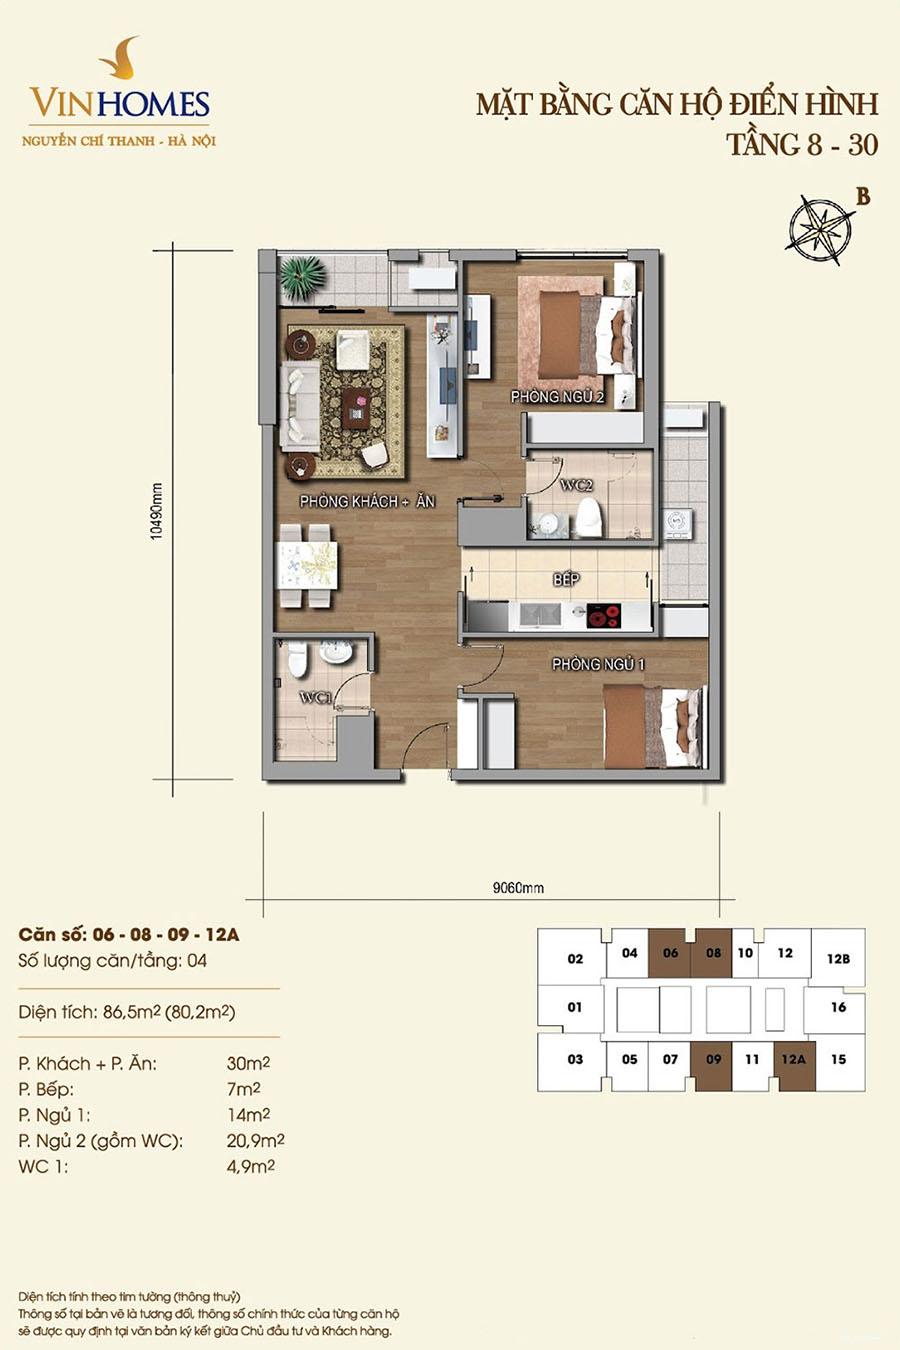 Thiết kế căn hộ 06, 08, 09, 12A Vinhomes Nguyễn Chí Thanh